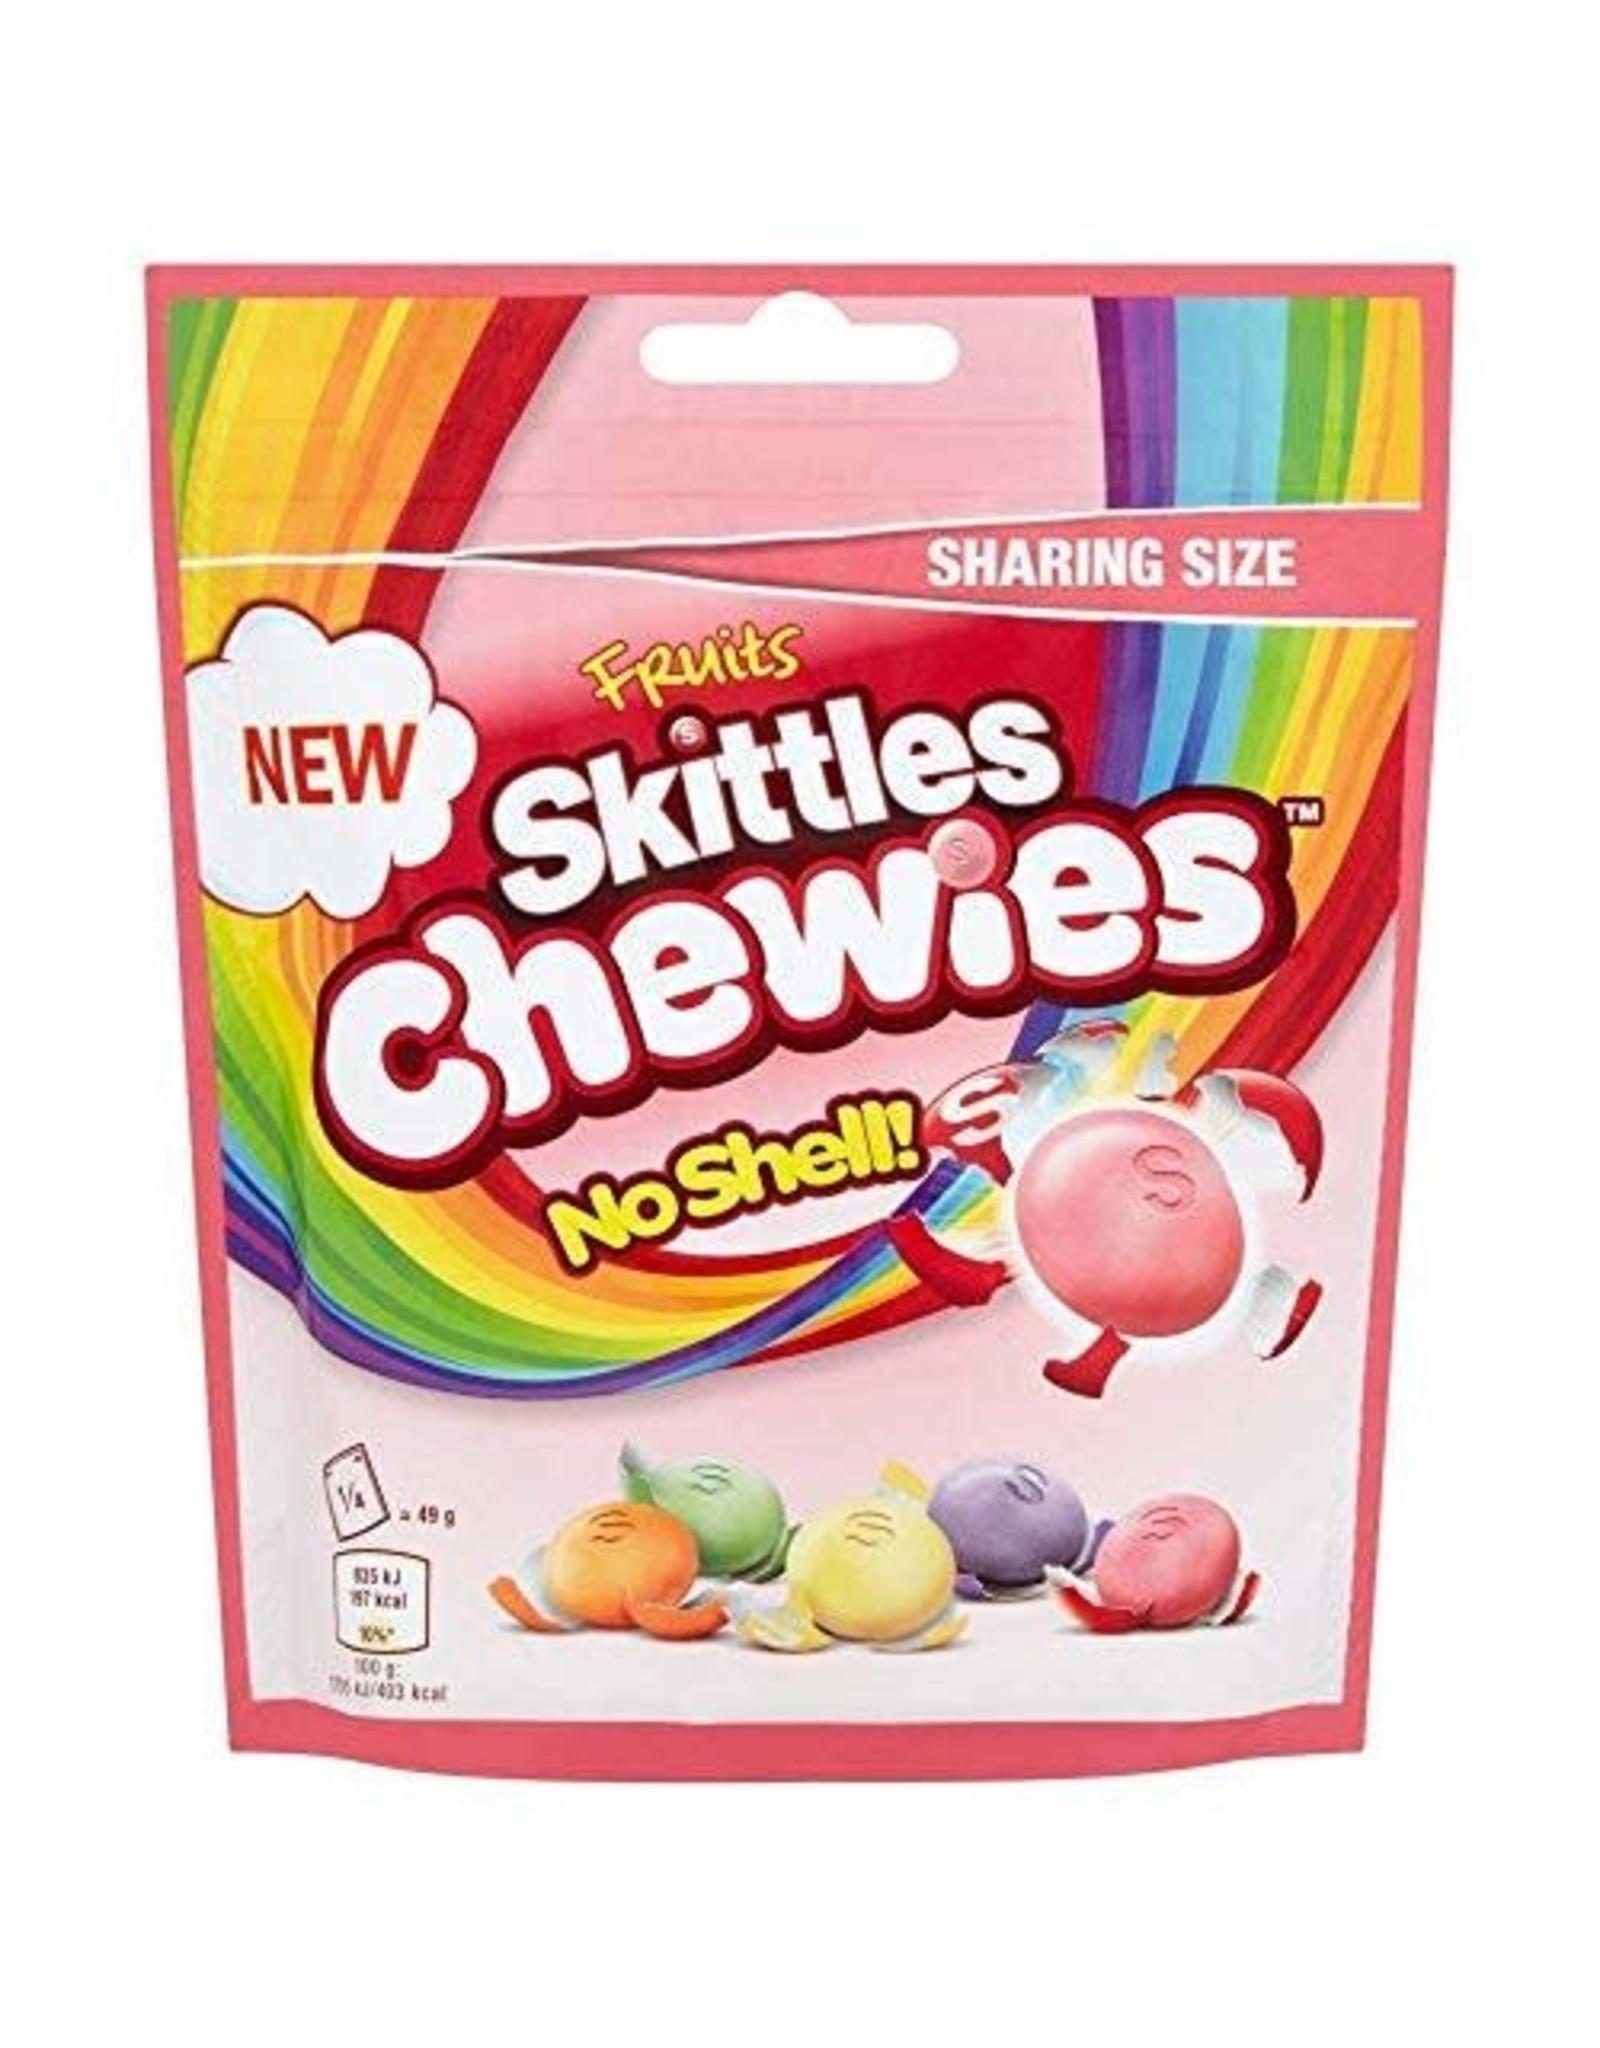 Skittles Chewies - 152g